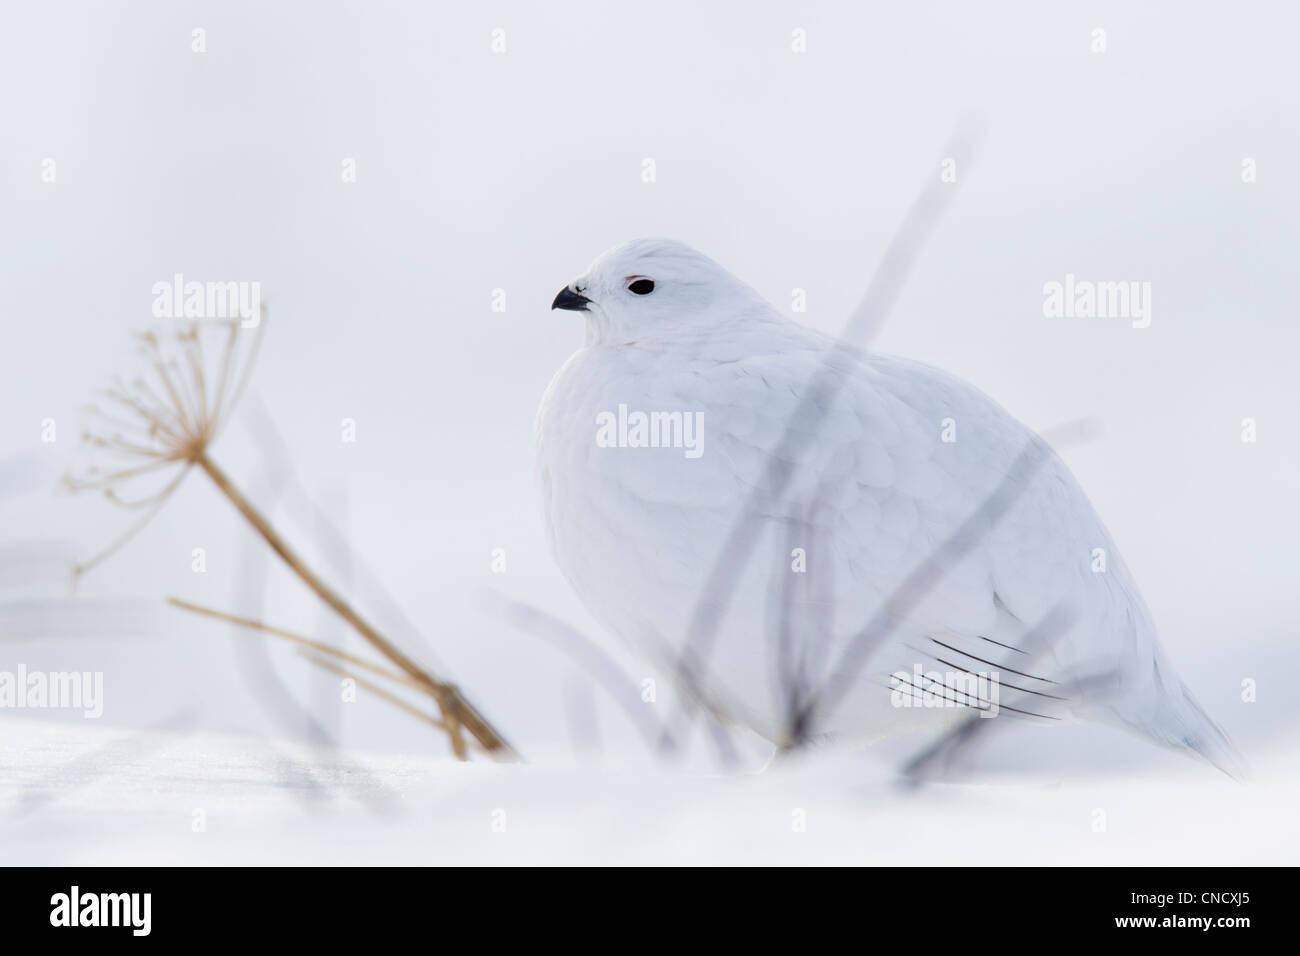 Willow Ptarmigan im weißen Winterkleid sitzen hinter kahlen Äste auf Schneedecke, Chugach Mountains, Alaska, Stockbild